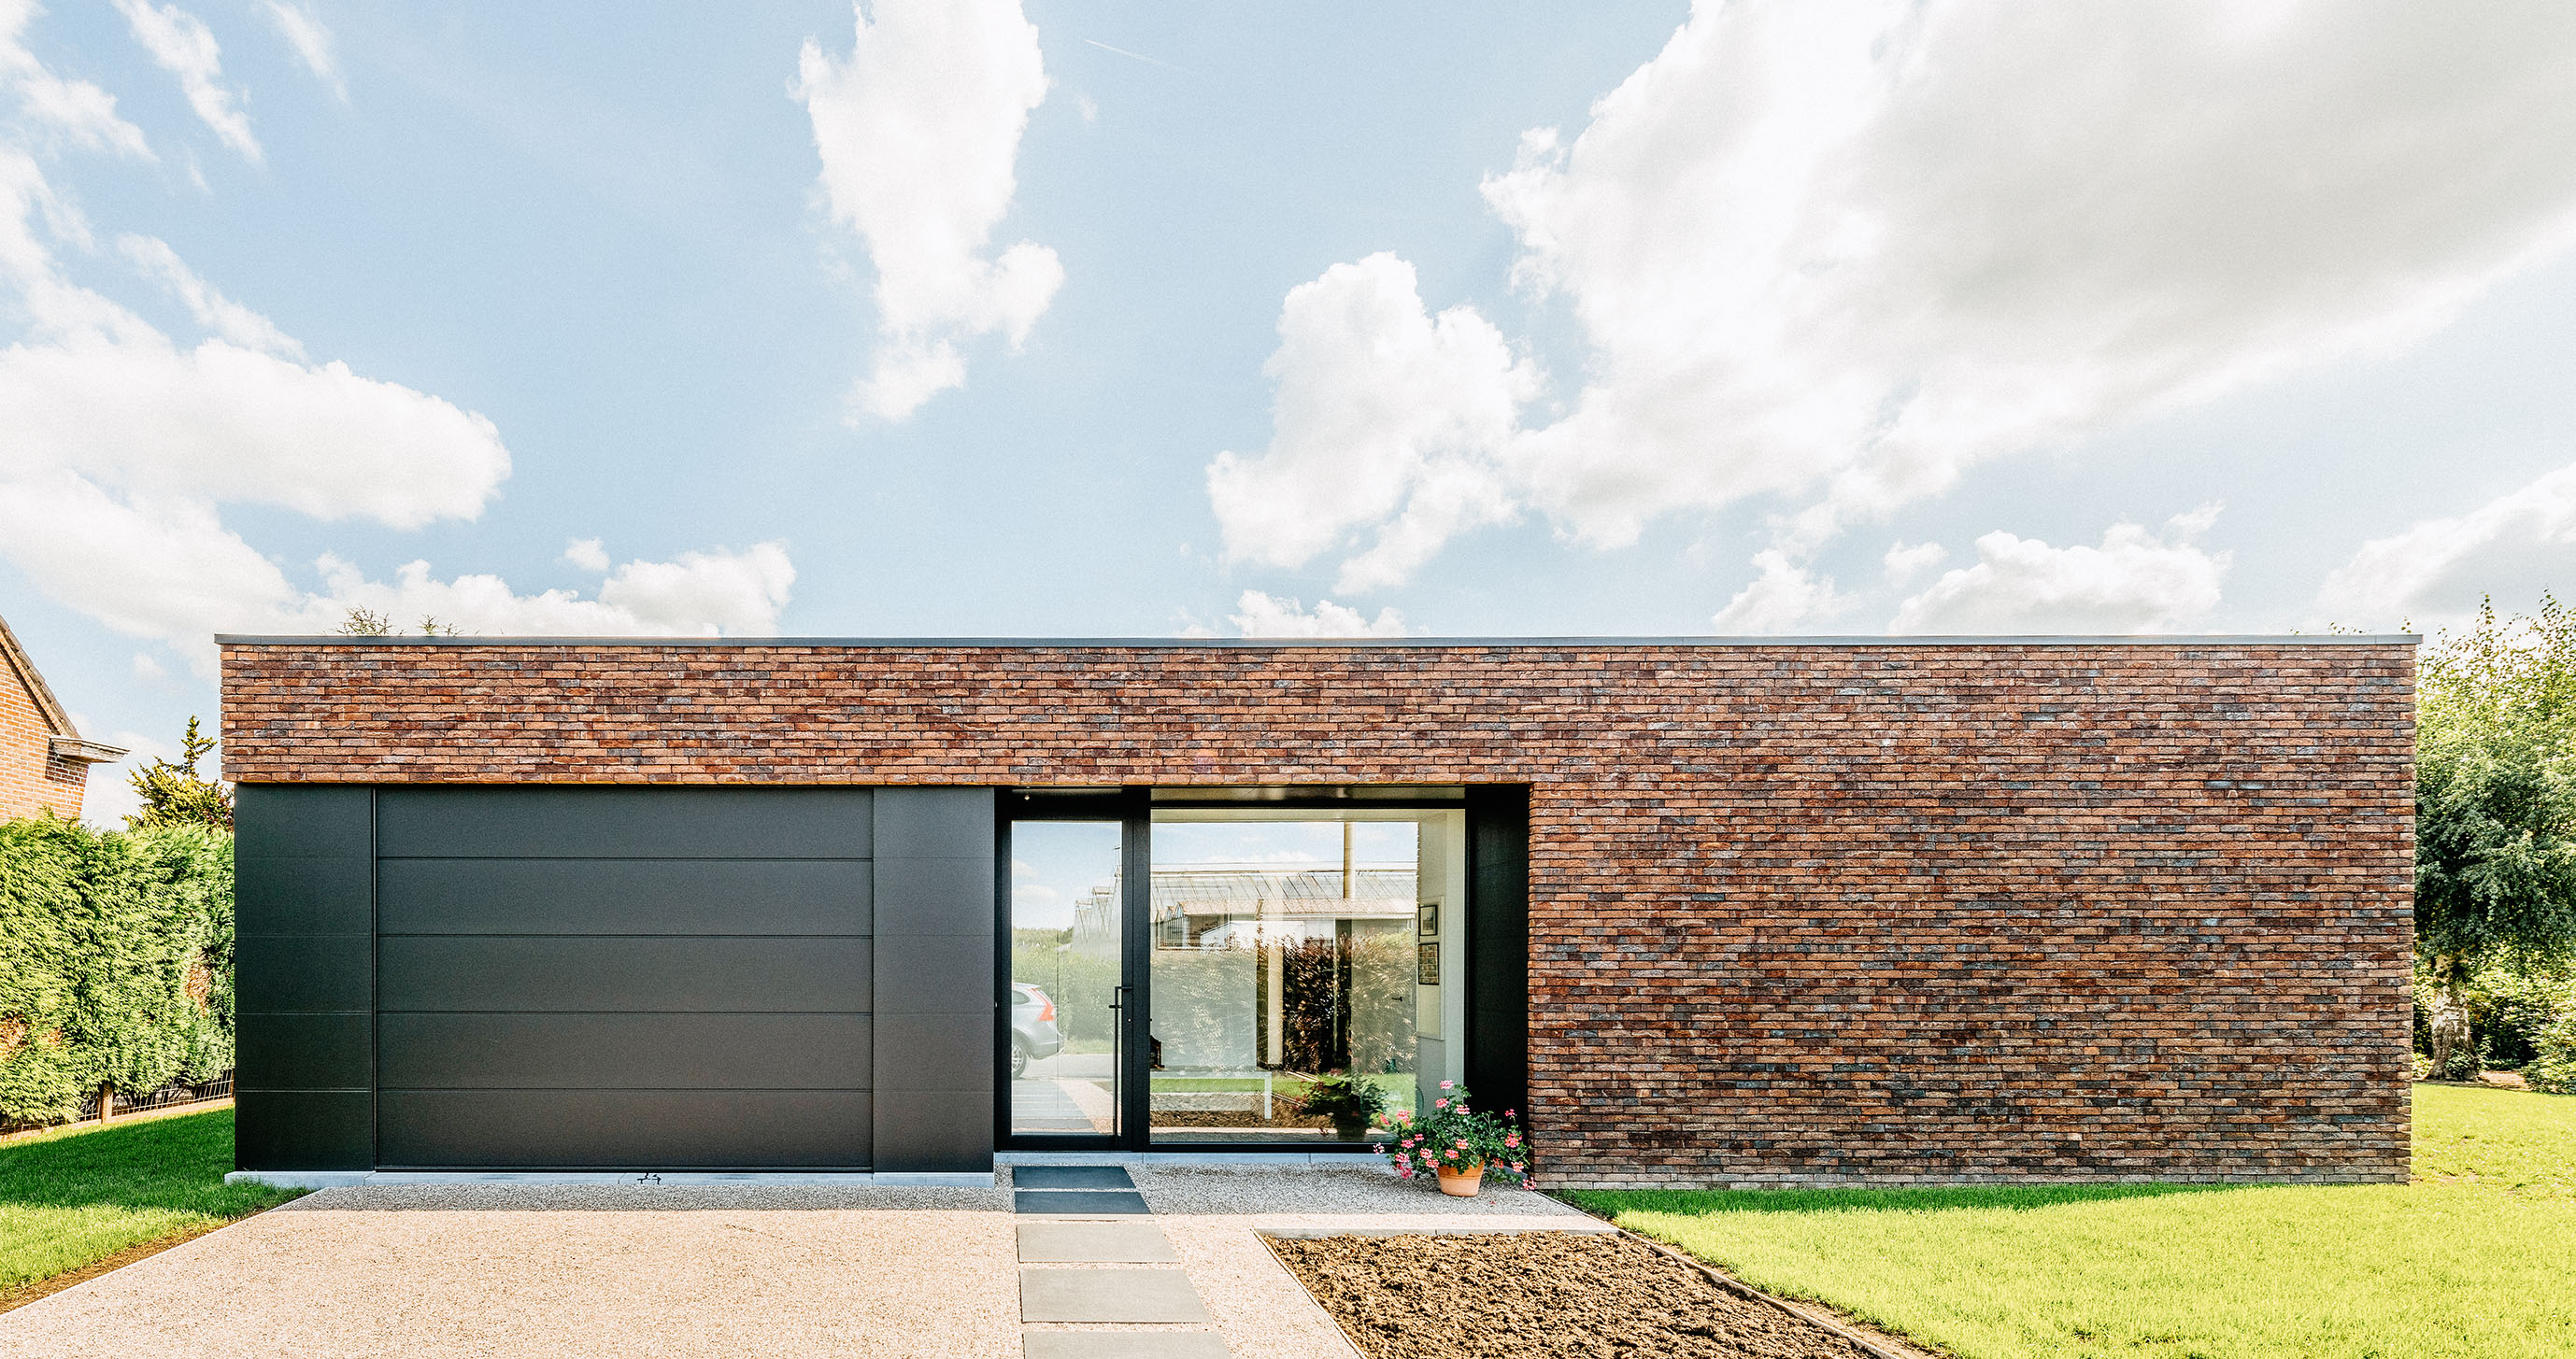 Afgewerkte, strakke privéwoning met zwarte garagepoort, deuren en ramen tegen een mooie blauwe hemel.